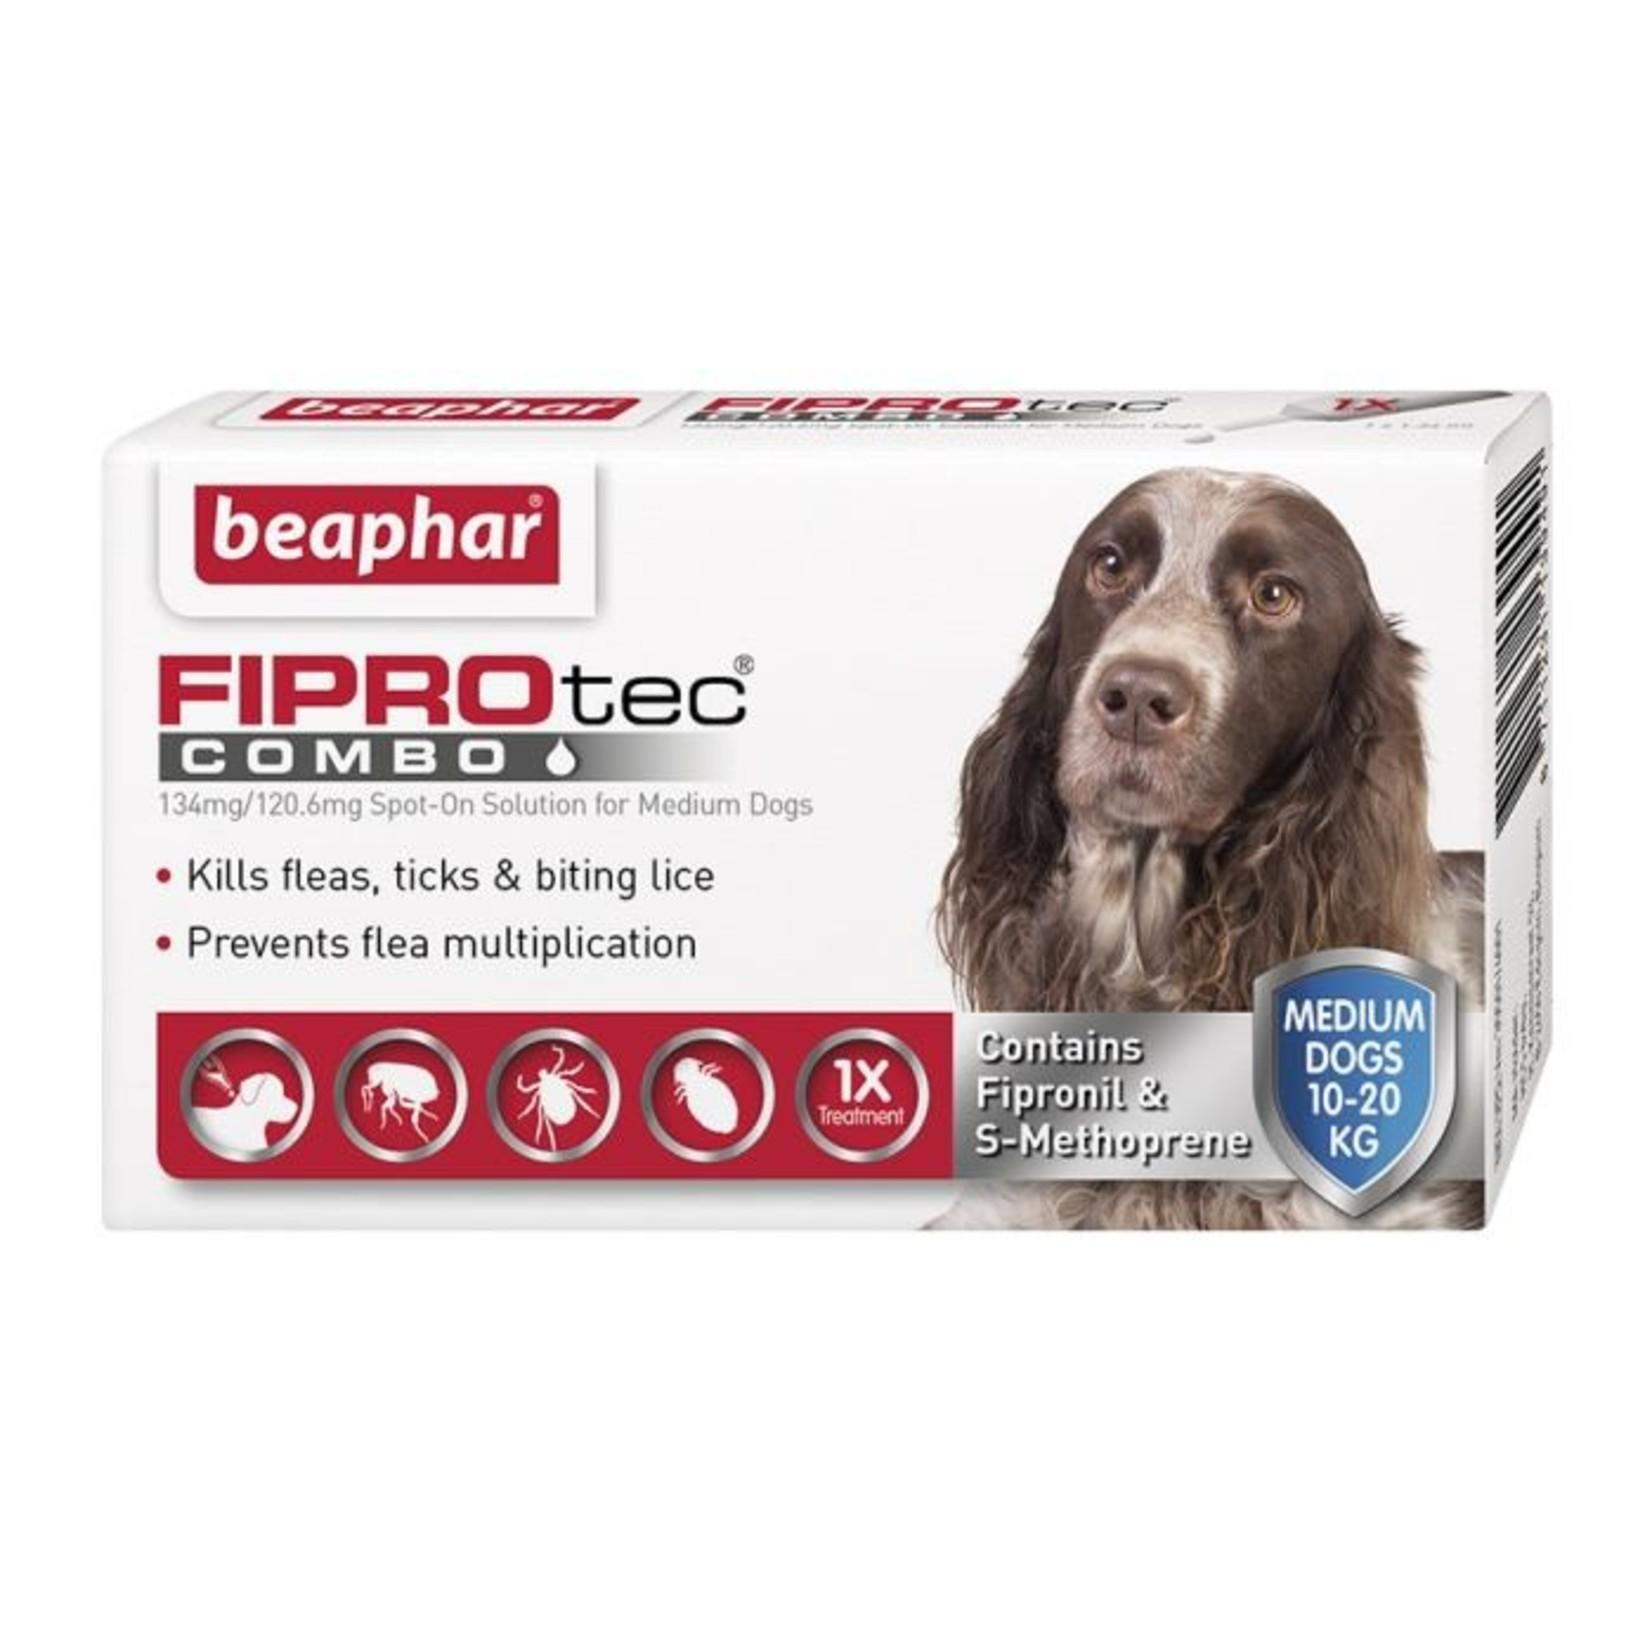 Beaphar FIPROtec Combo Flea & Tick Spot On for Medium Dogs